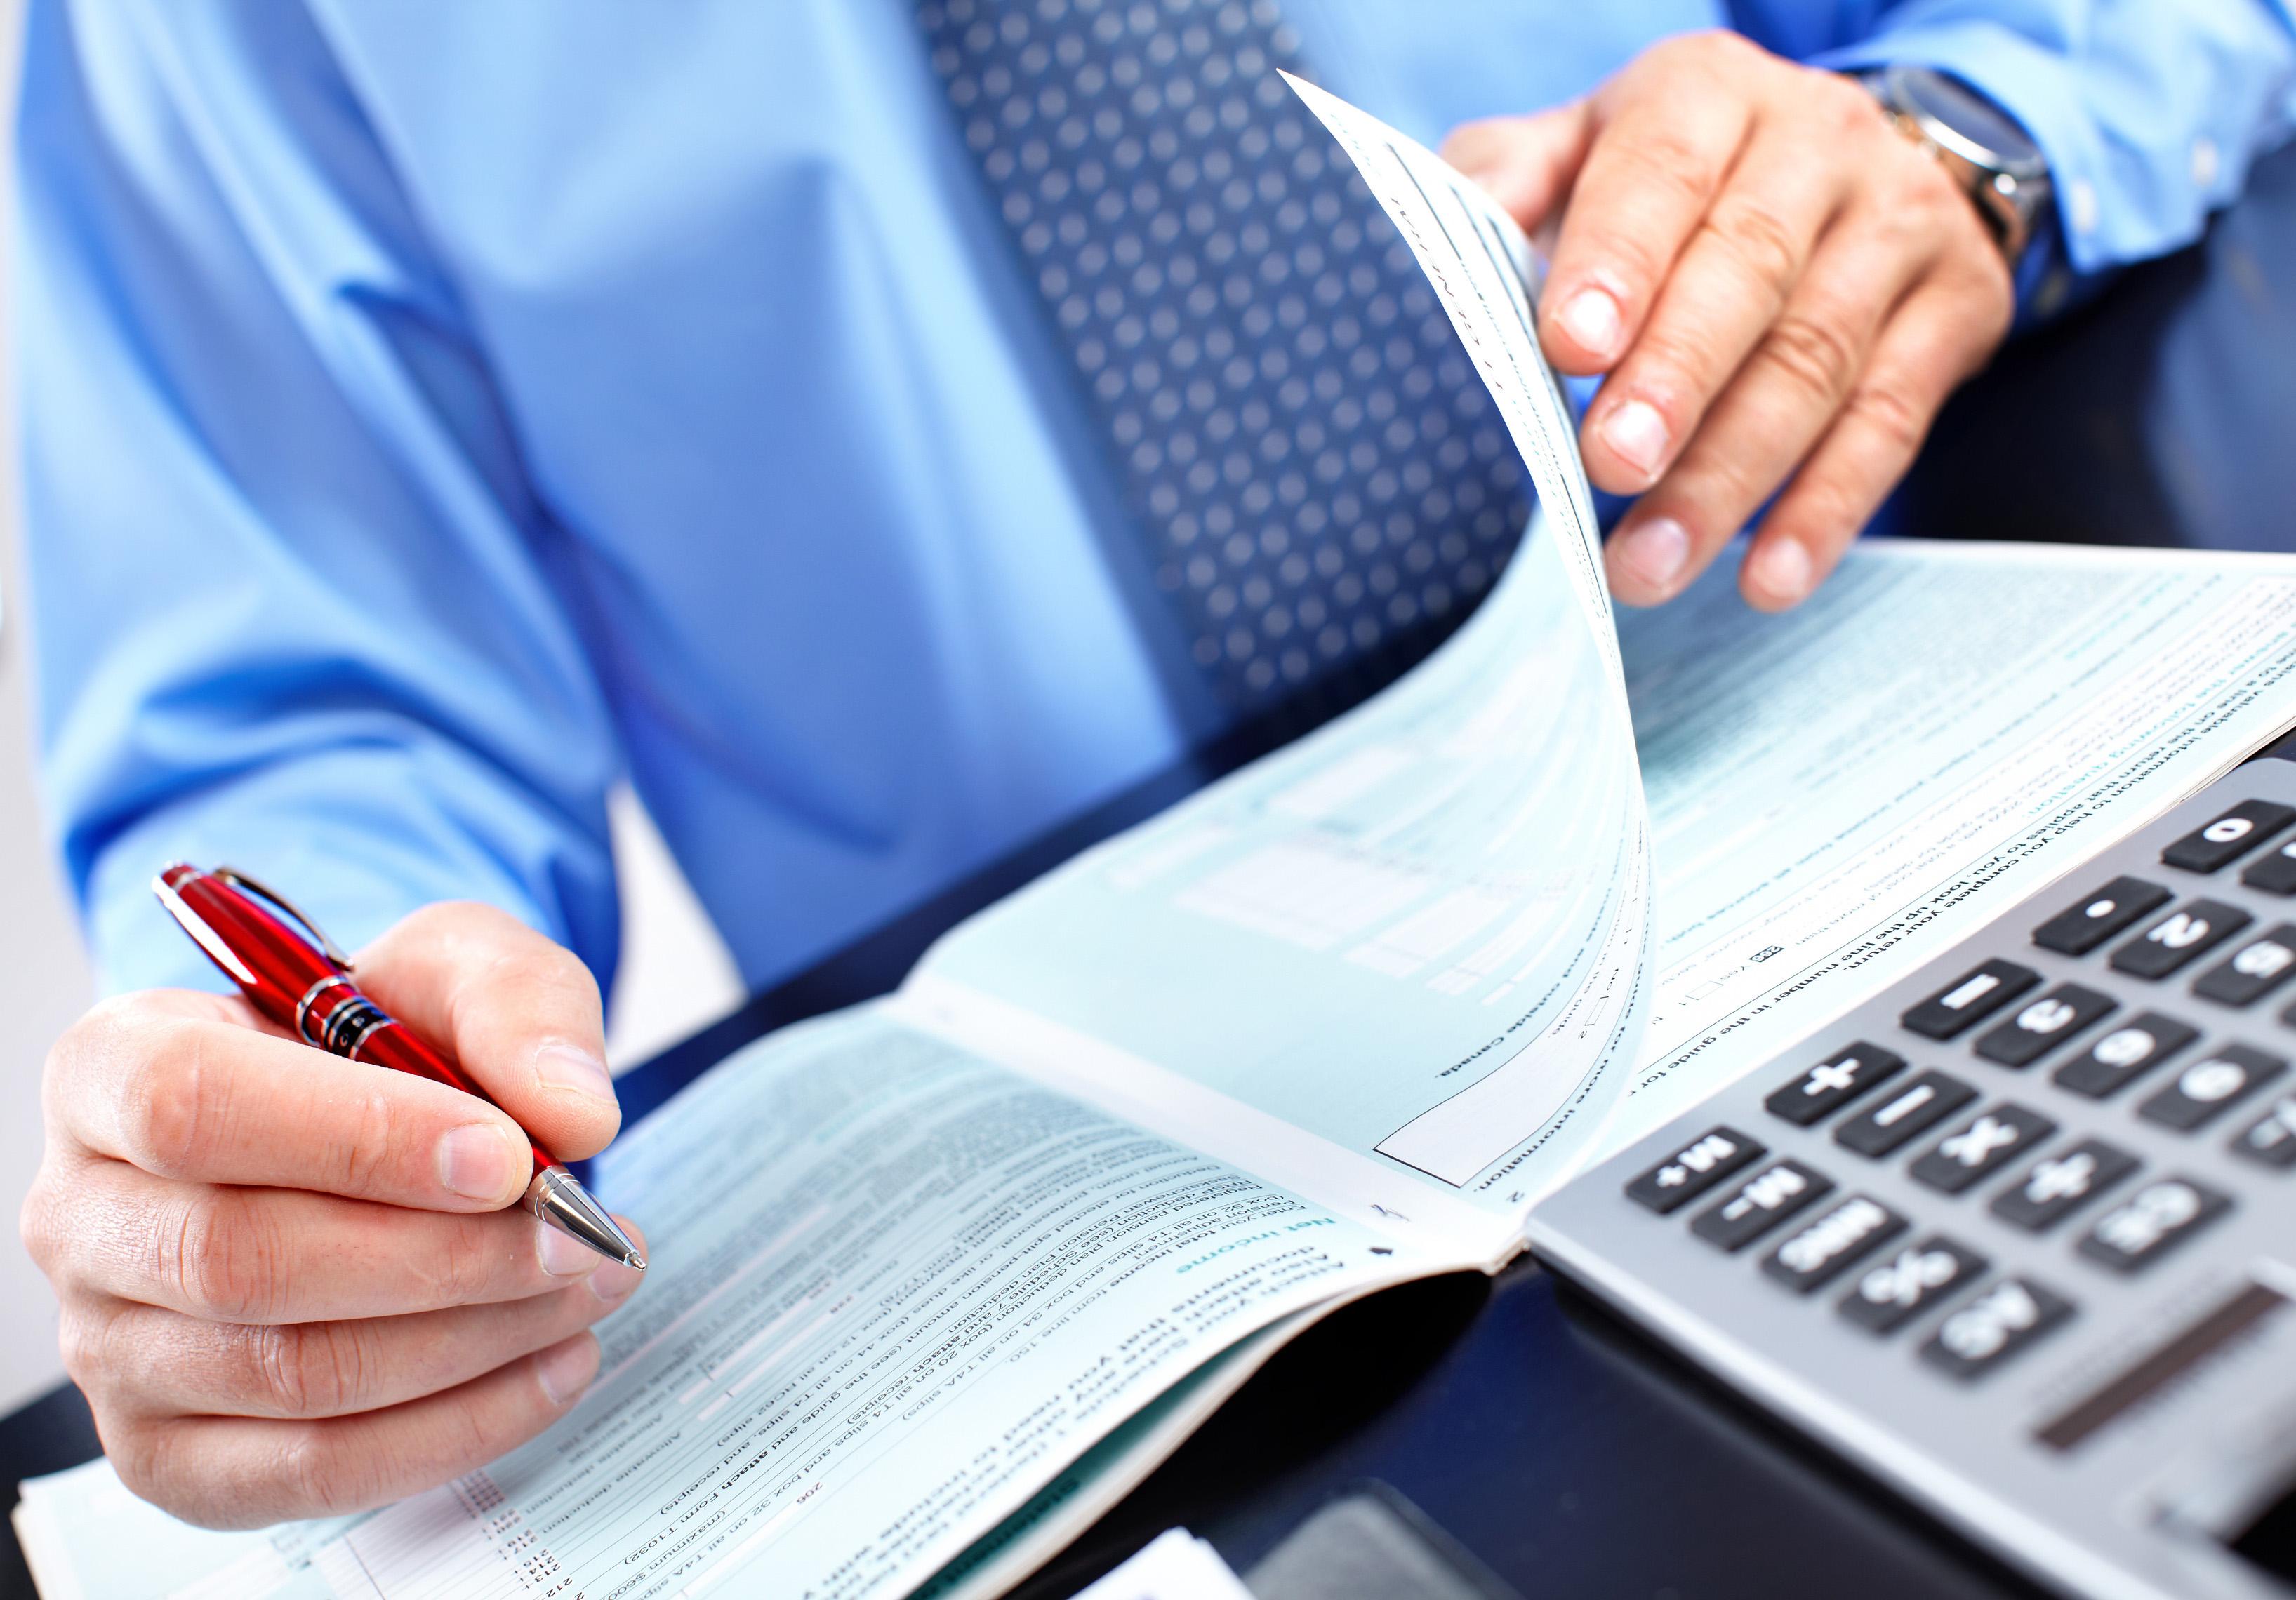 Tìm việc làm kế  toán tại Hà Nội như thế nào